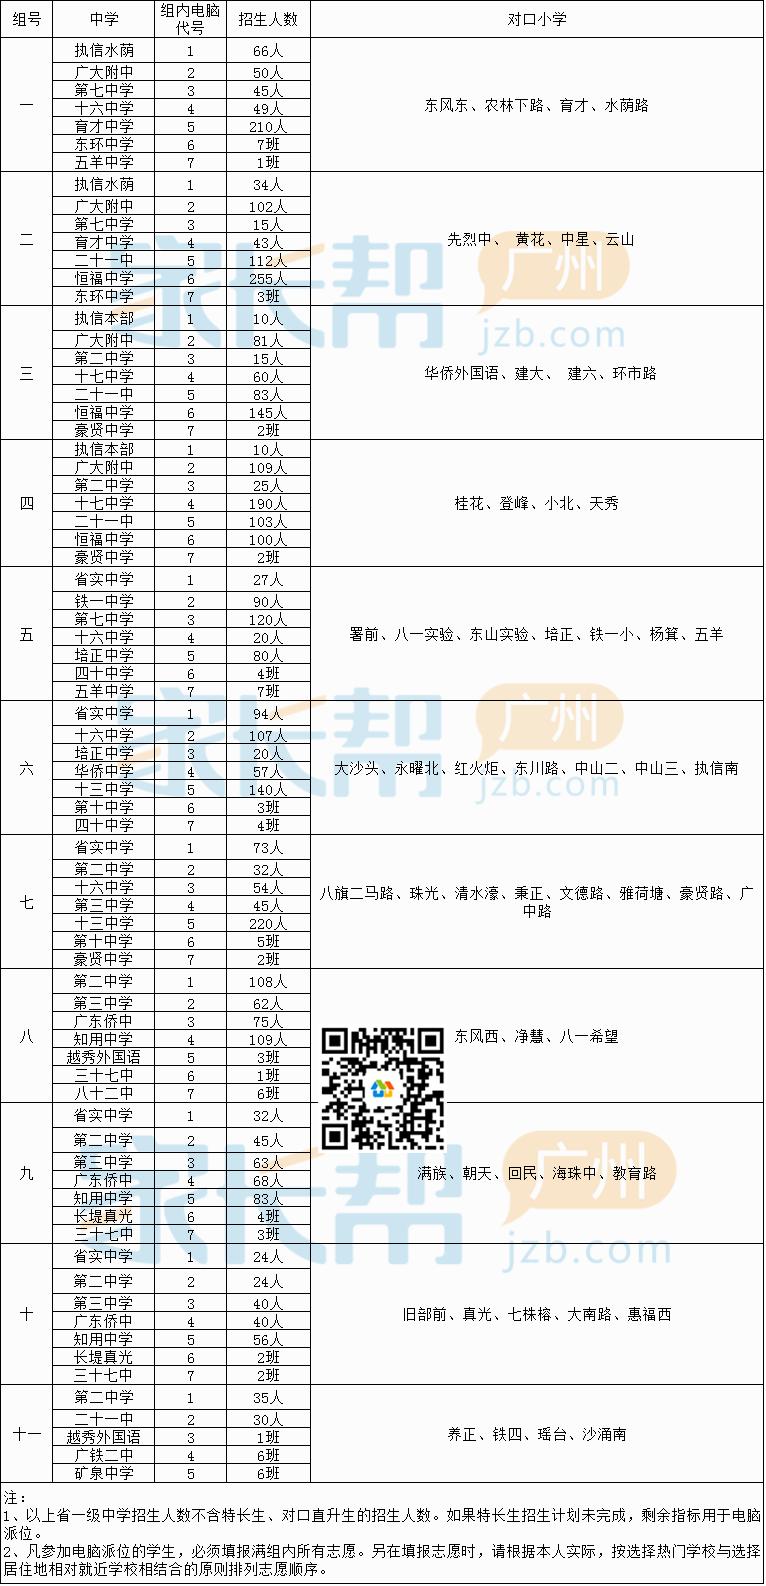 越秀区2017派位表.png